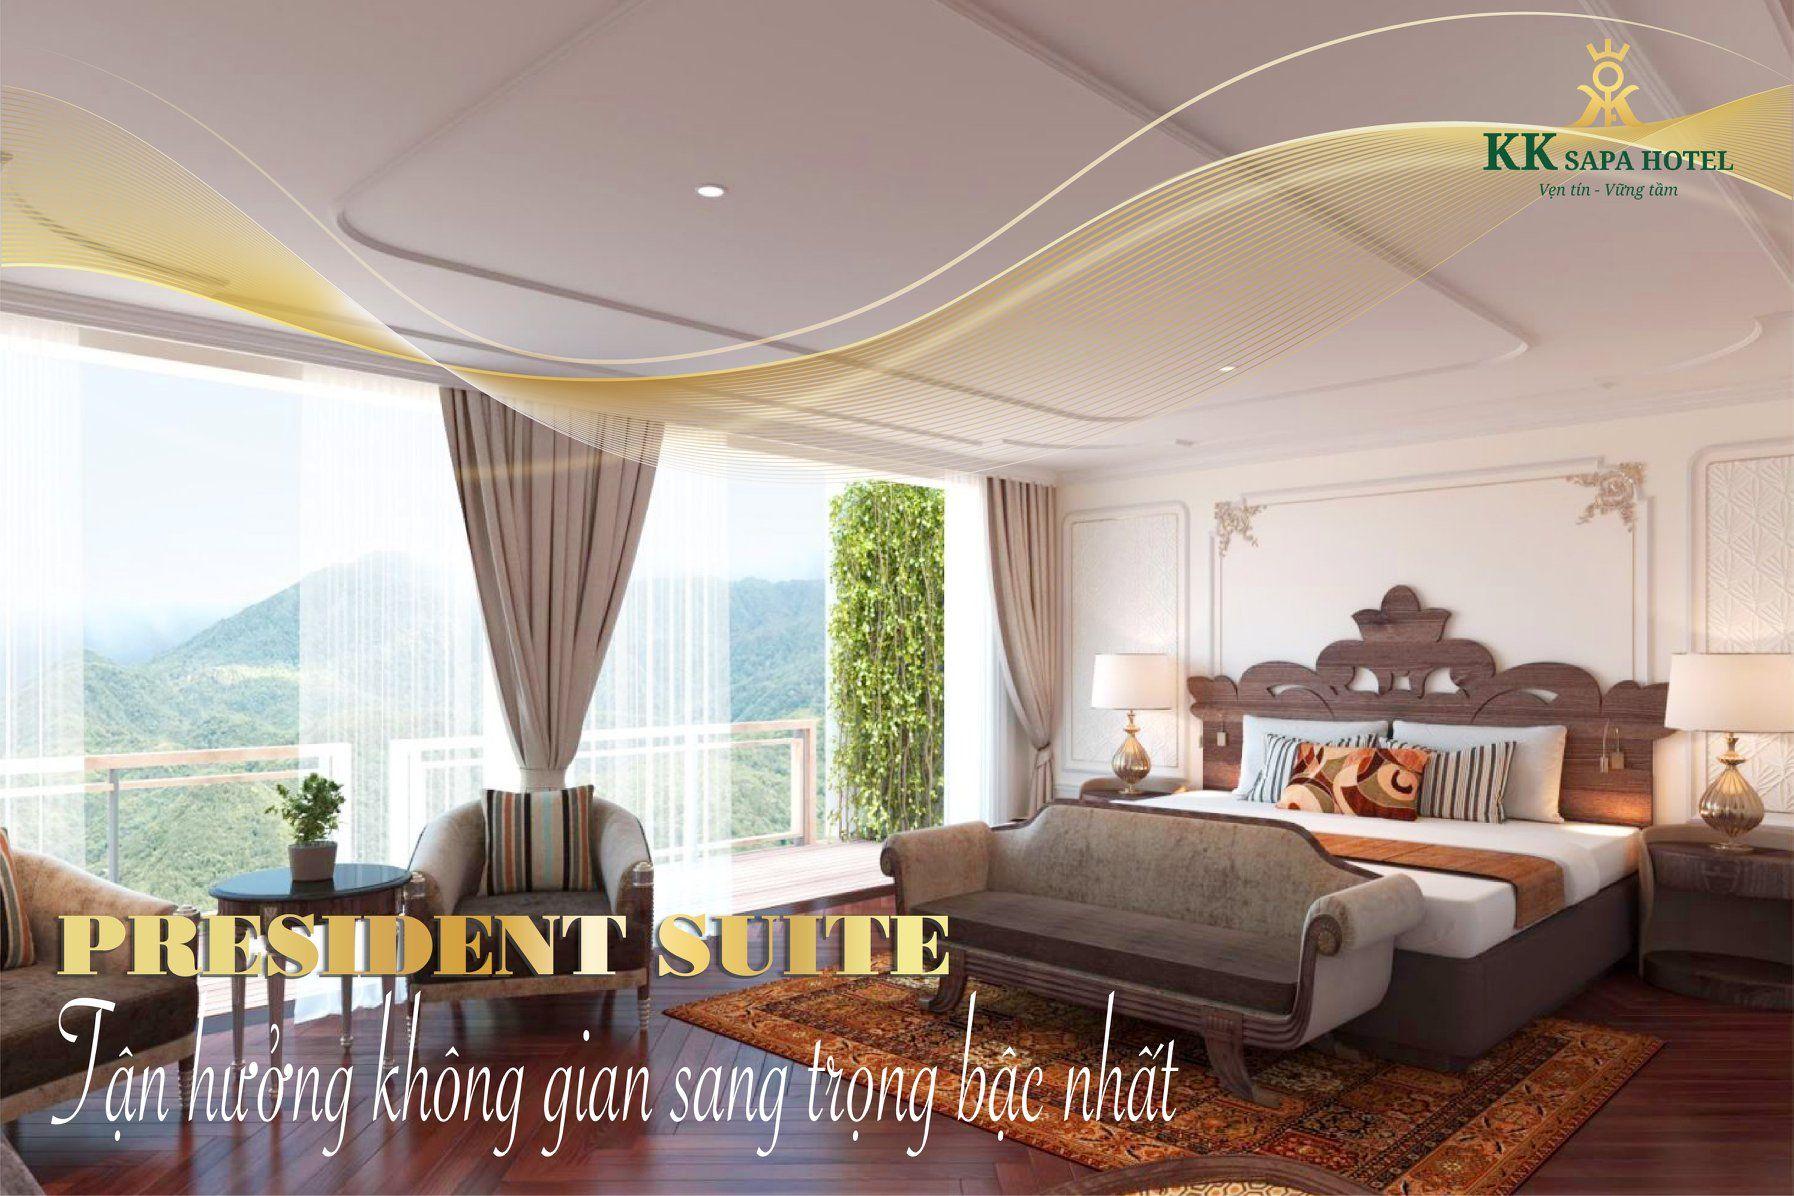 phong ngu president suite kk sapa hotel sapa